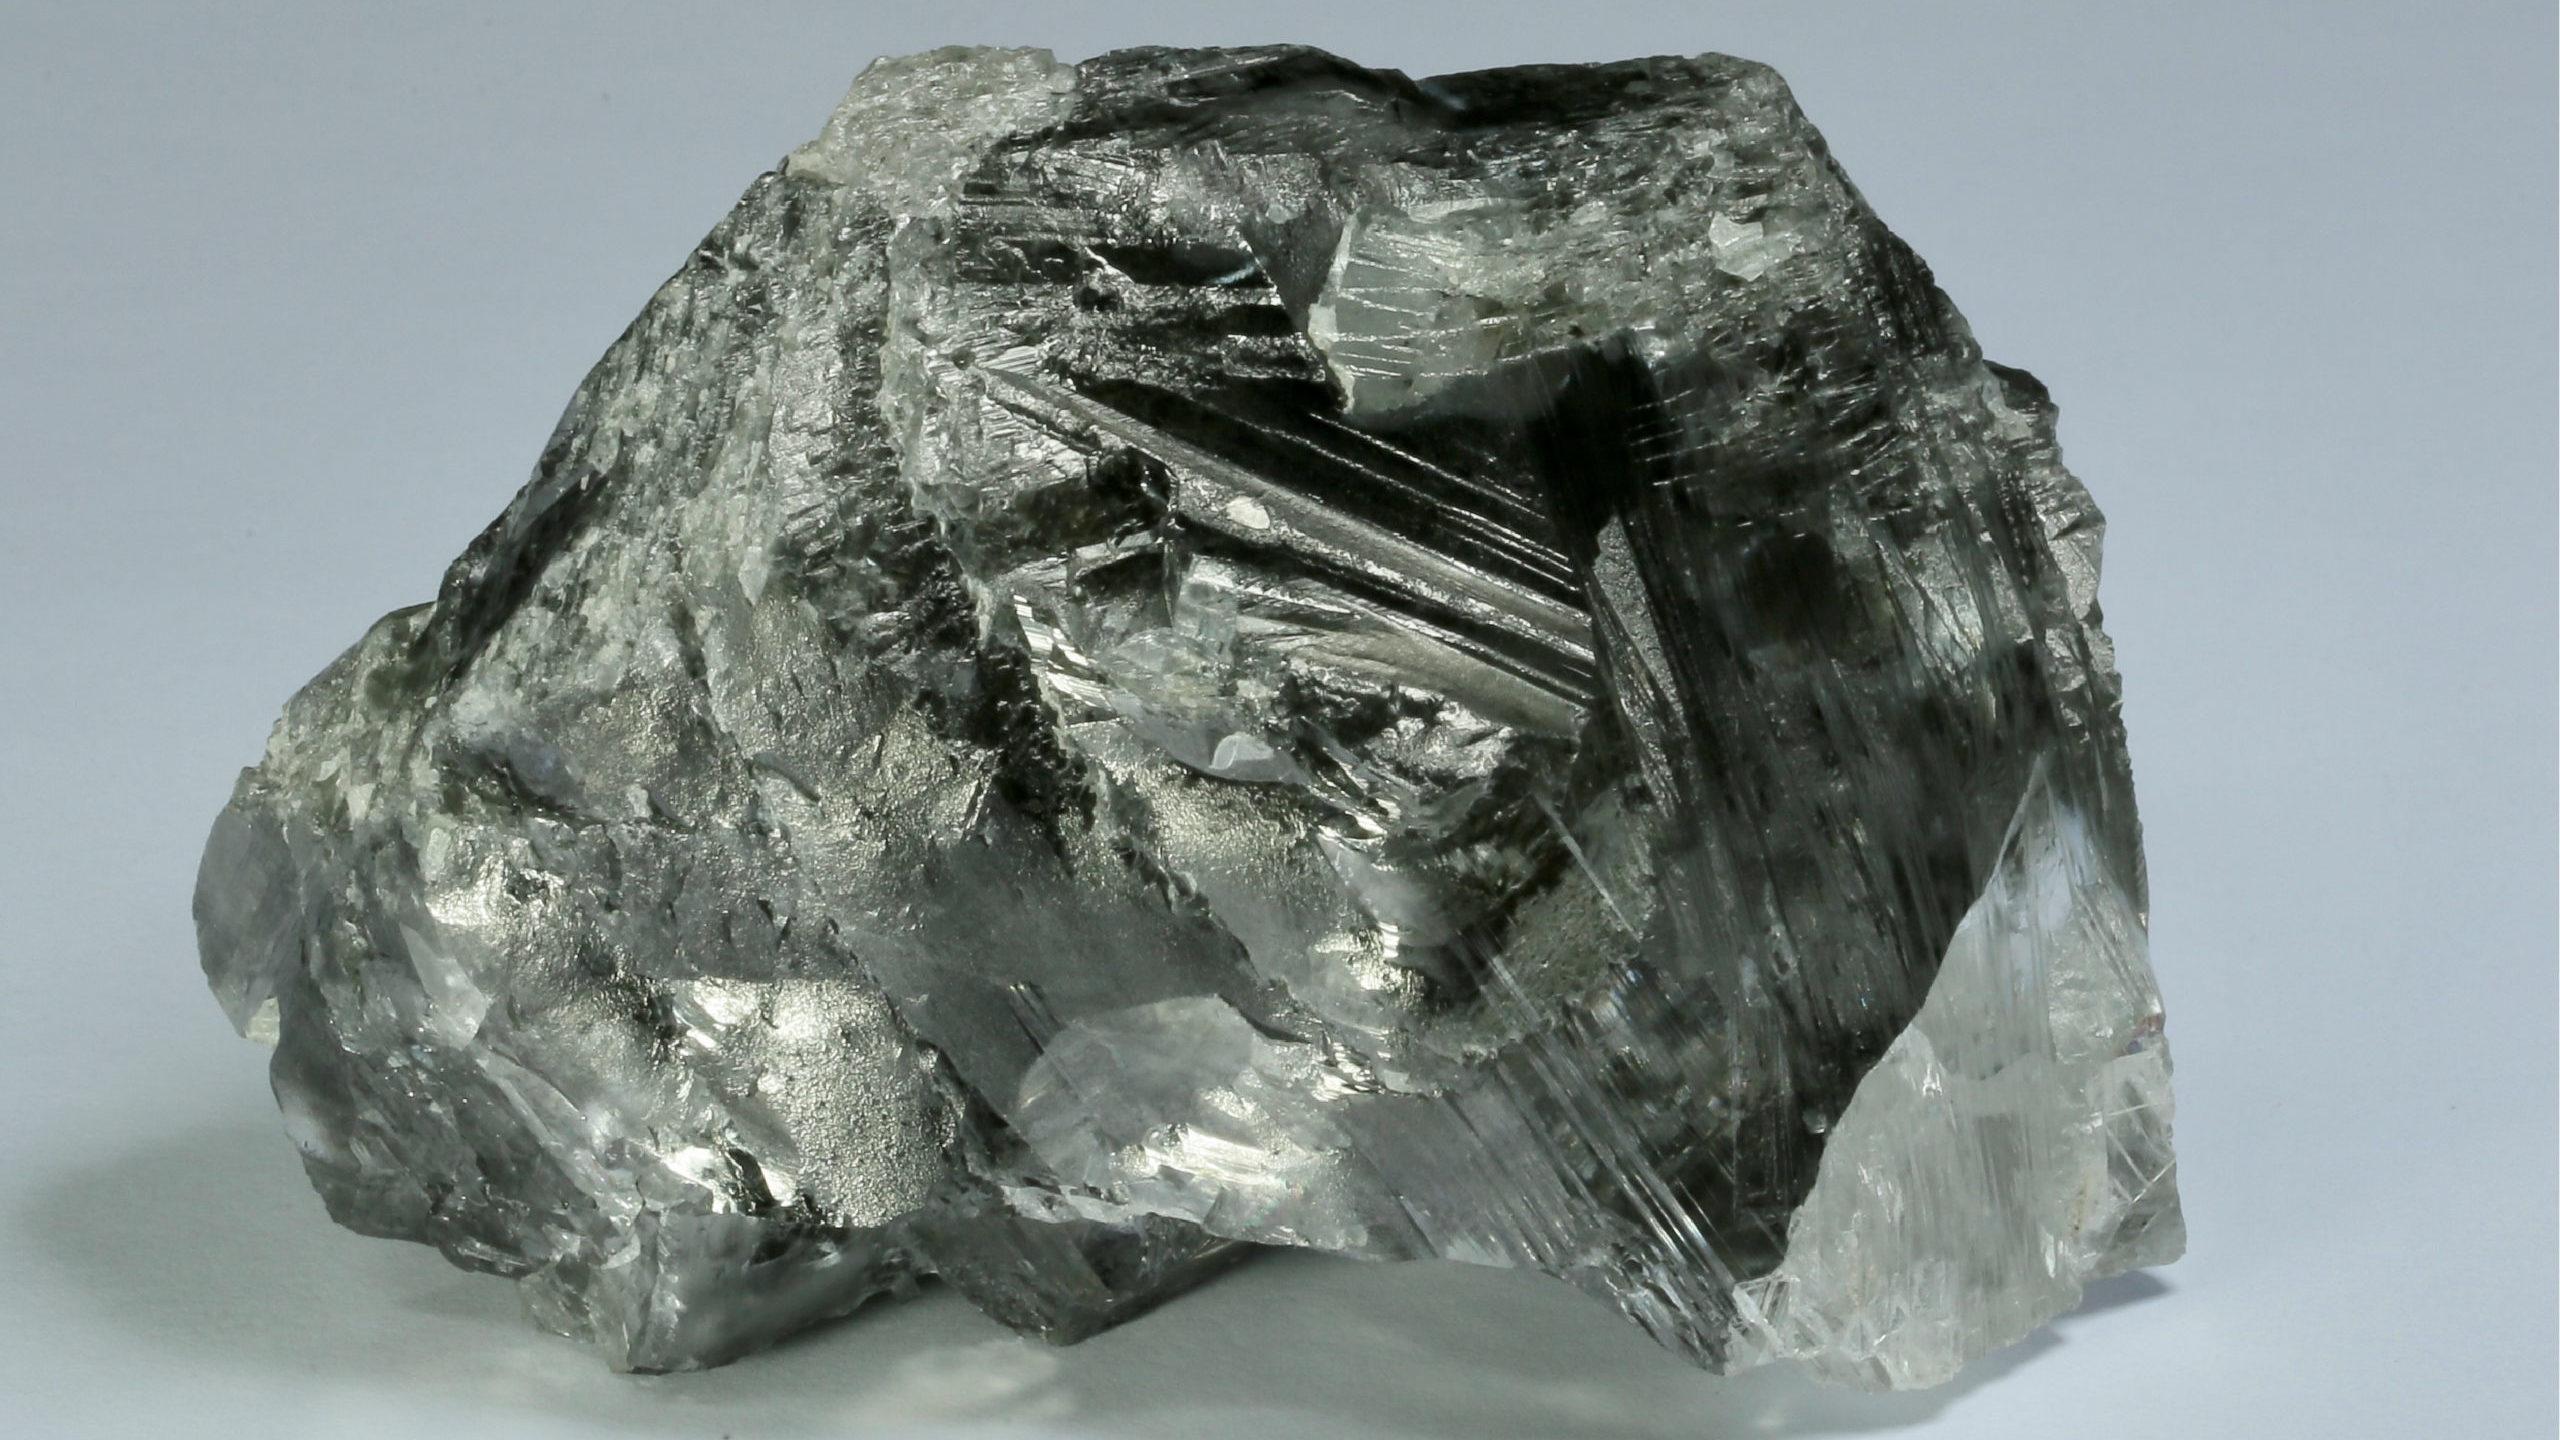 Descubren el tercer diamante más grande del mundo en Botsuana